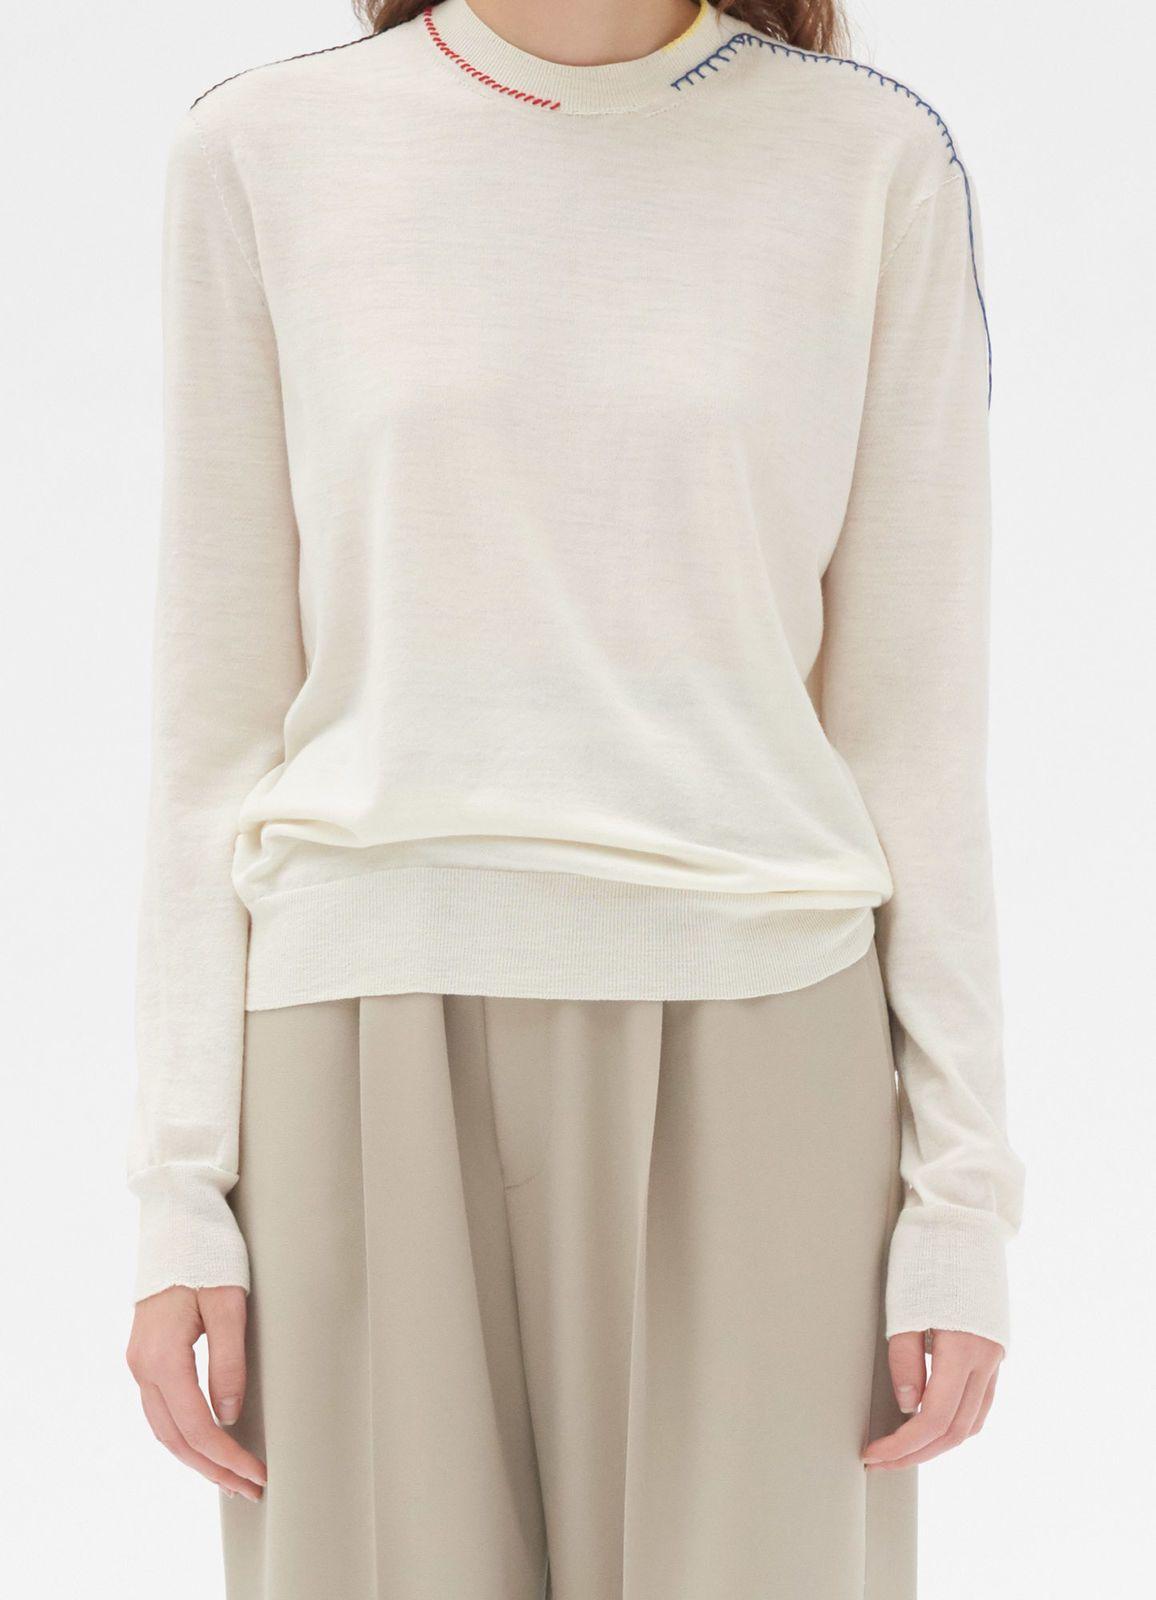 Crew neck sweater in seamless wool   CÉLINE   Knitwear